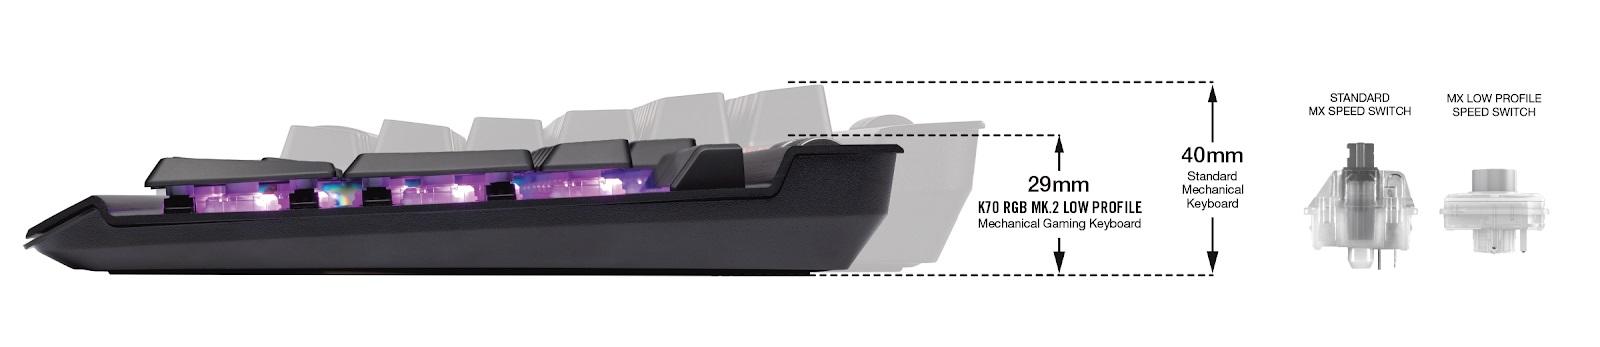 Corsair K70 RGB MK.2 Low Profile: teclado mecánico de gama alta y perfil bajo 34